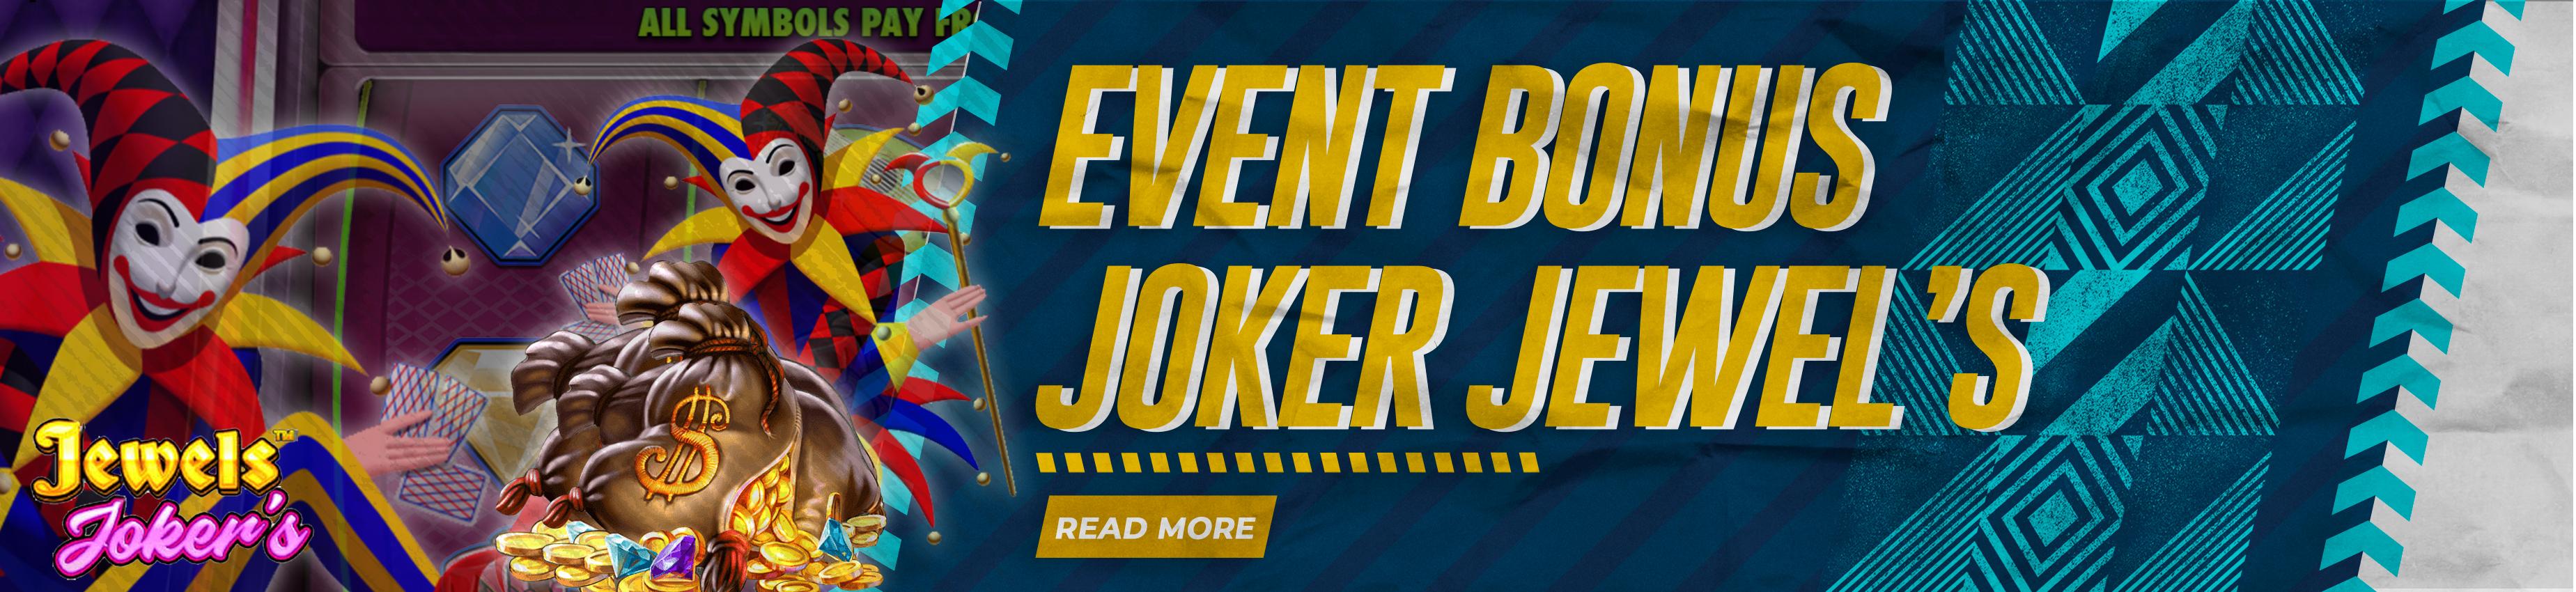 Event Bonus Joker Jewels